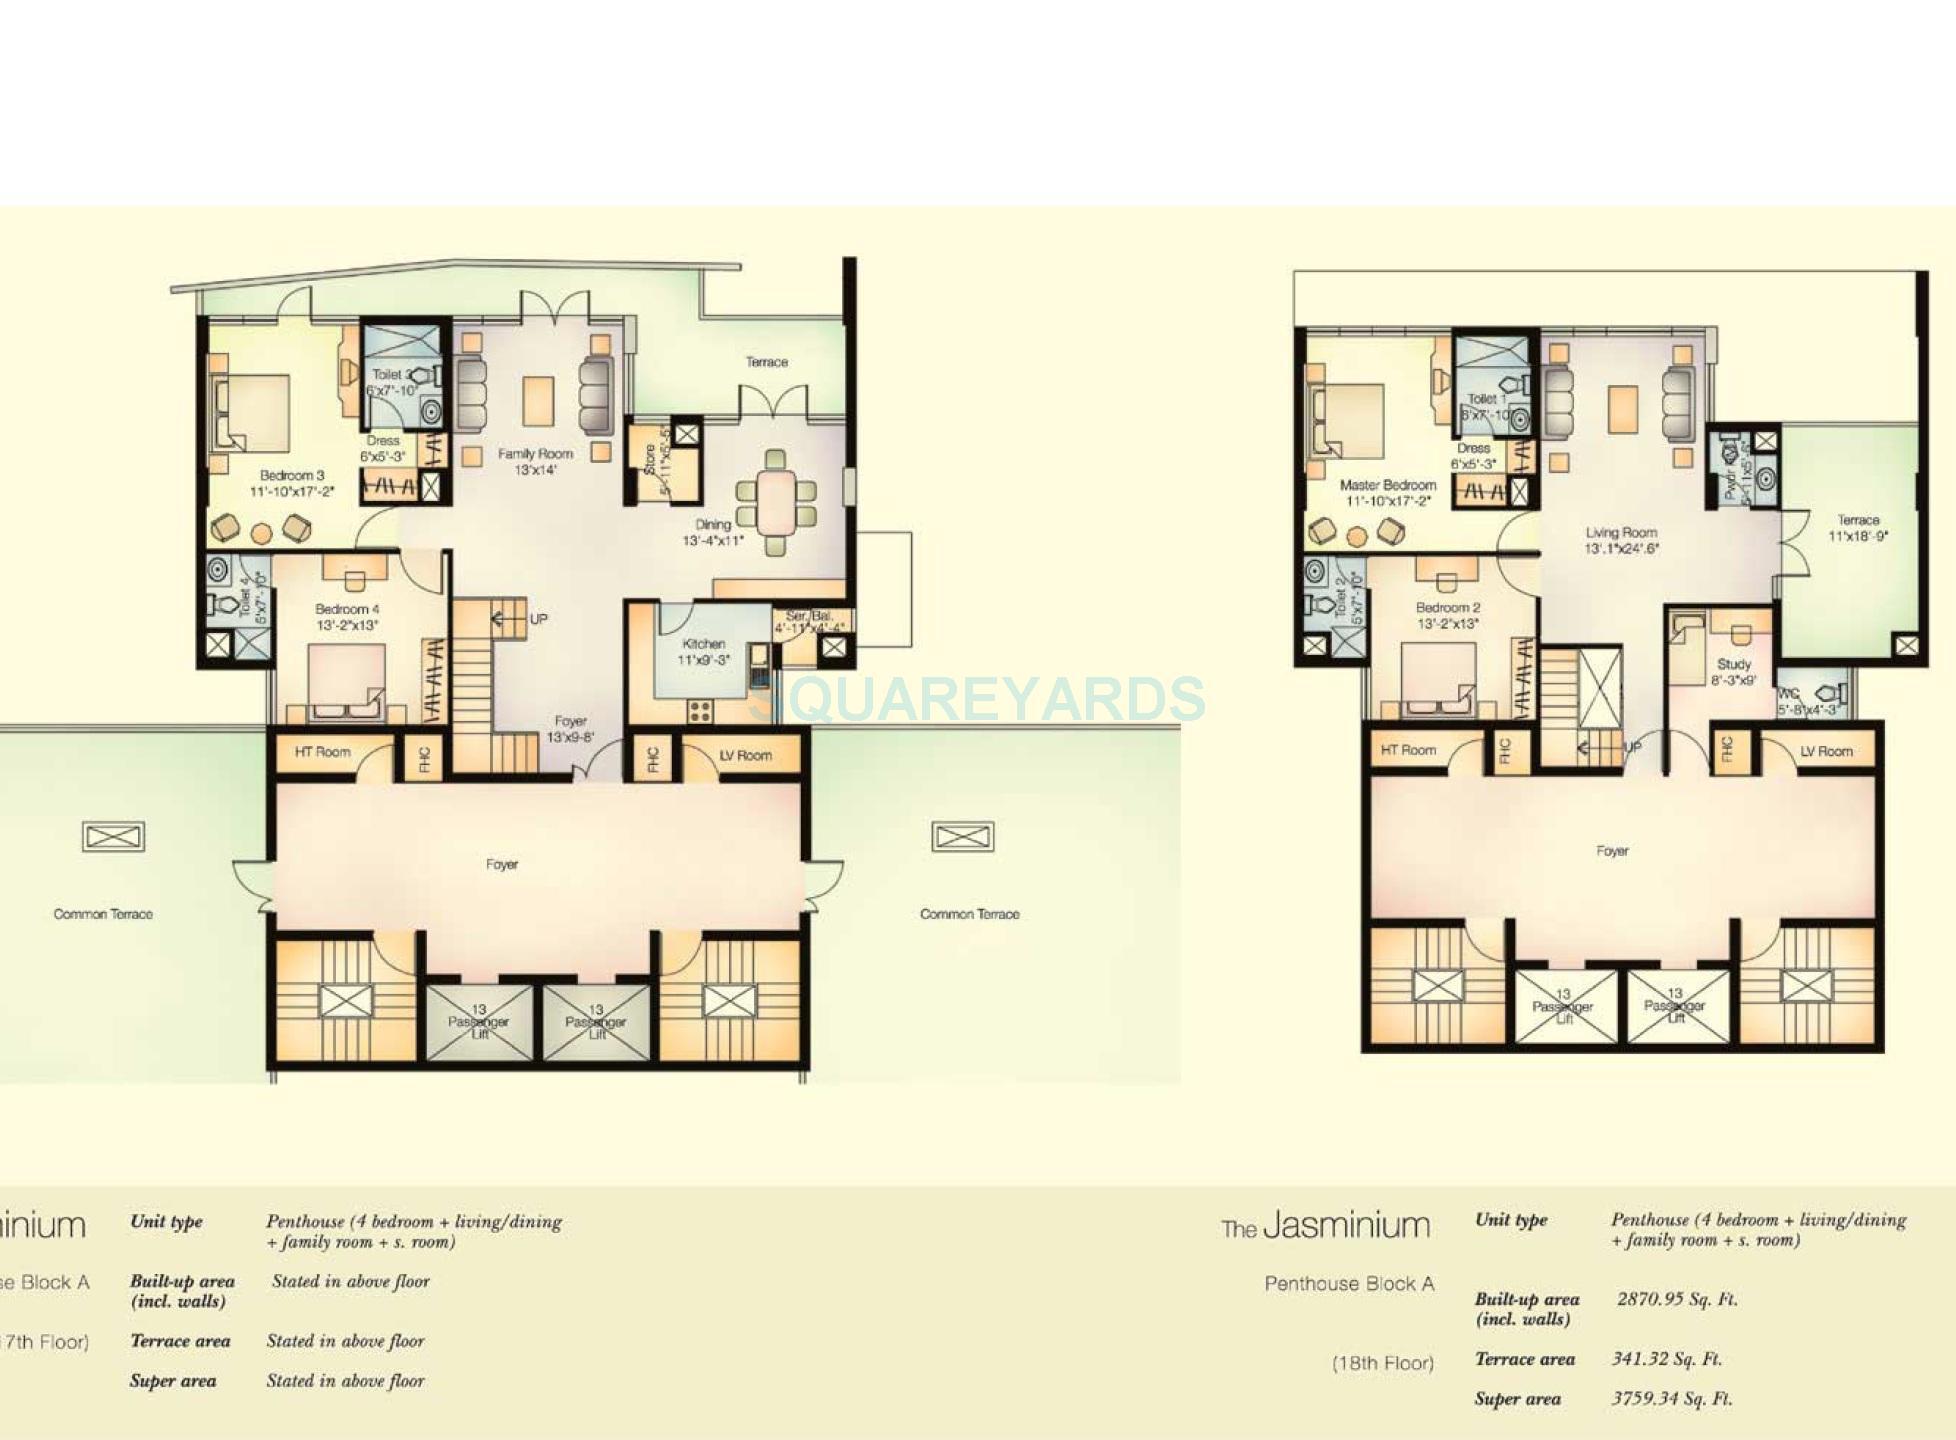 vatika city jasminium penthouse 4bhk 3759 34sqft 1